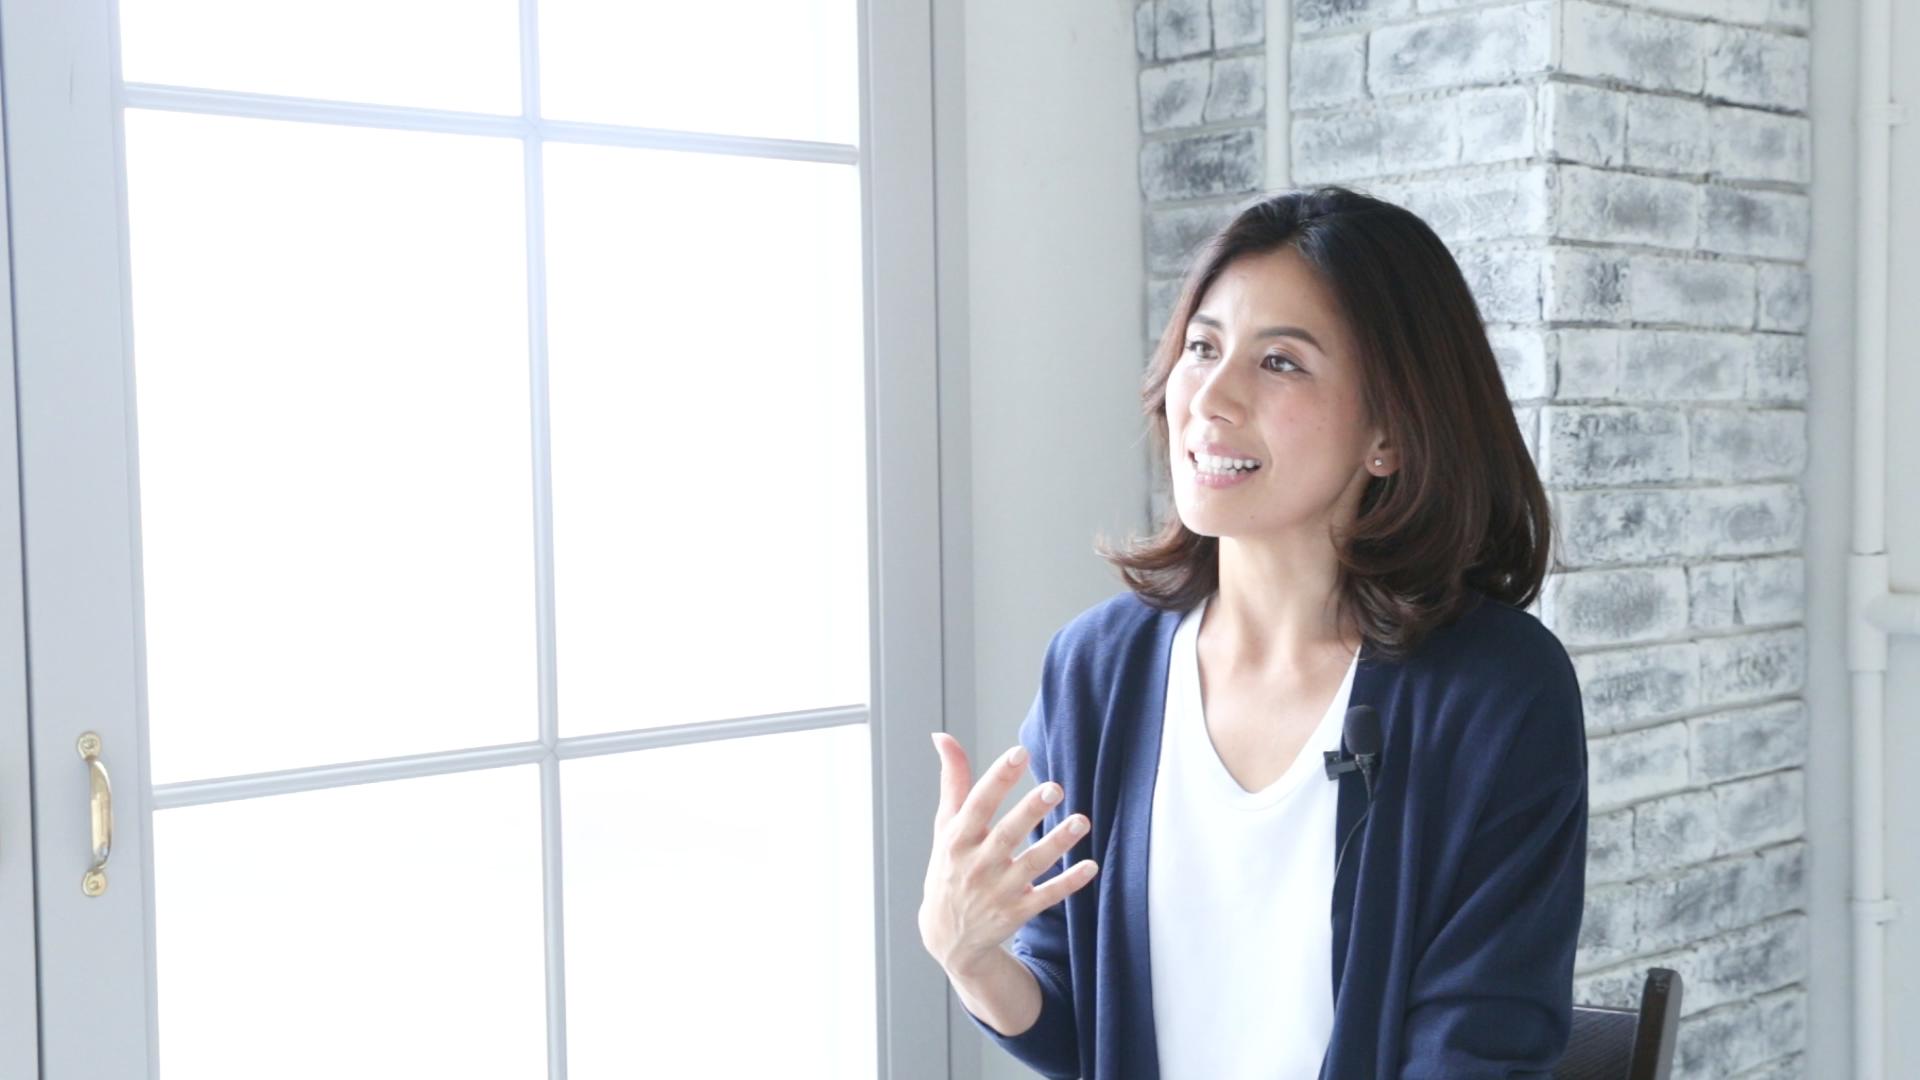 【美を創るTripleコラボジュース】長谷川理恵さんの想いが詰まった開発秘話